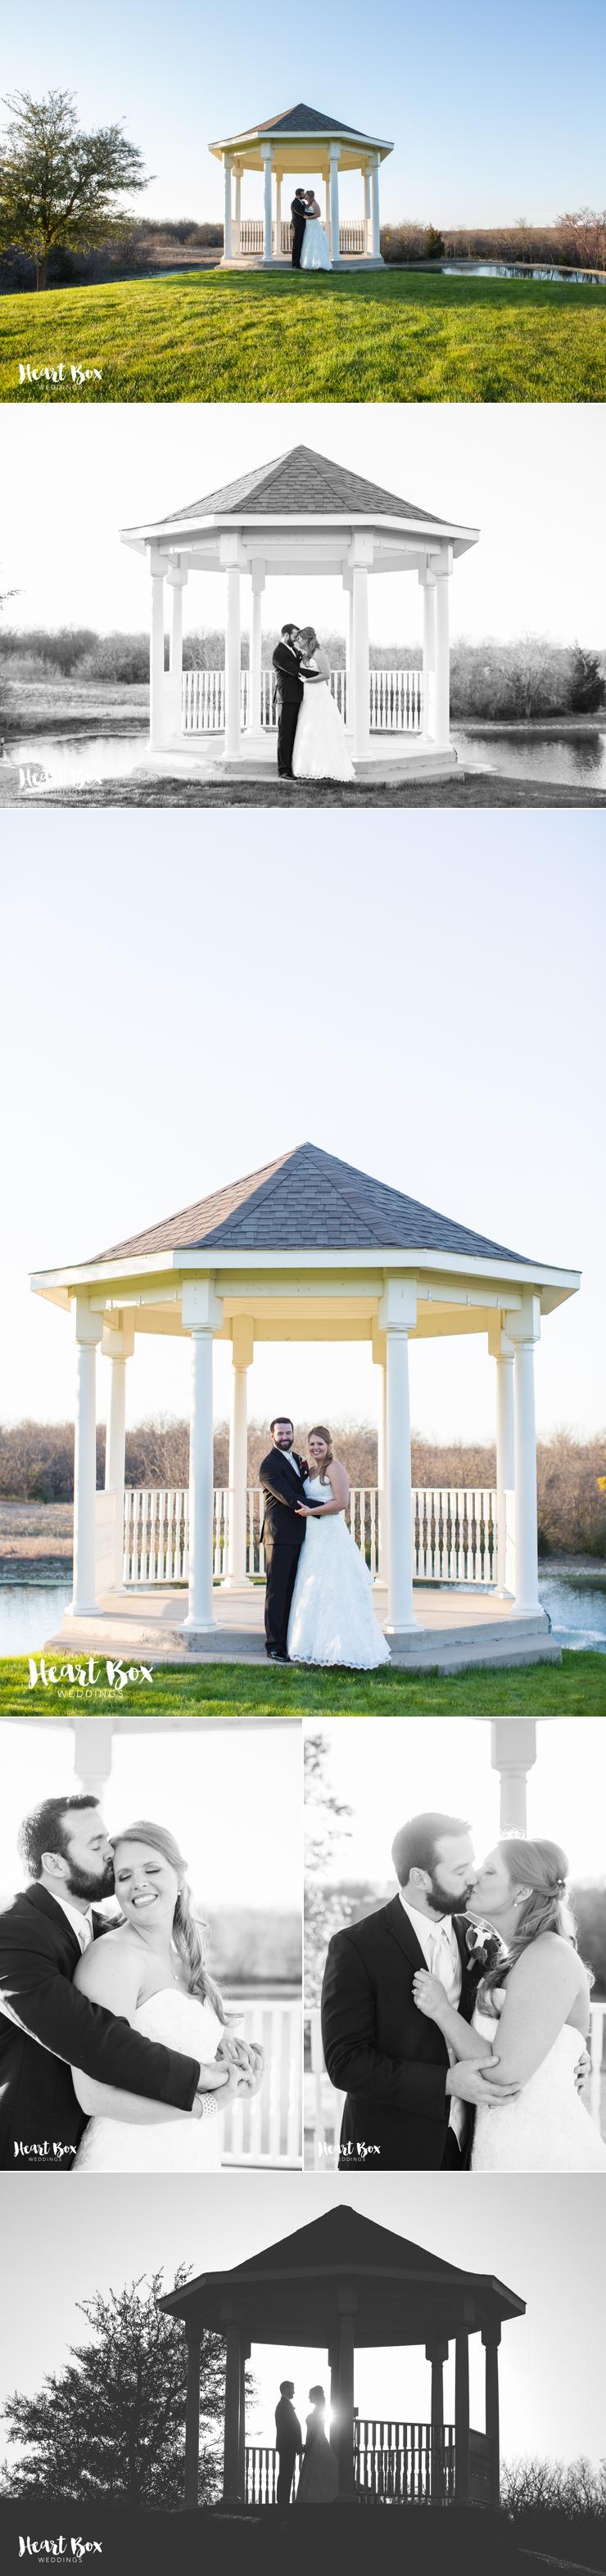 Vanderpool Wedding - Blog Collages 10.jpg